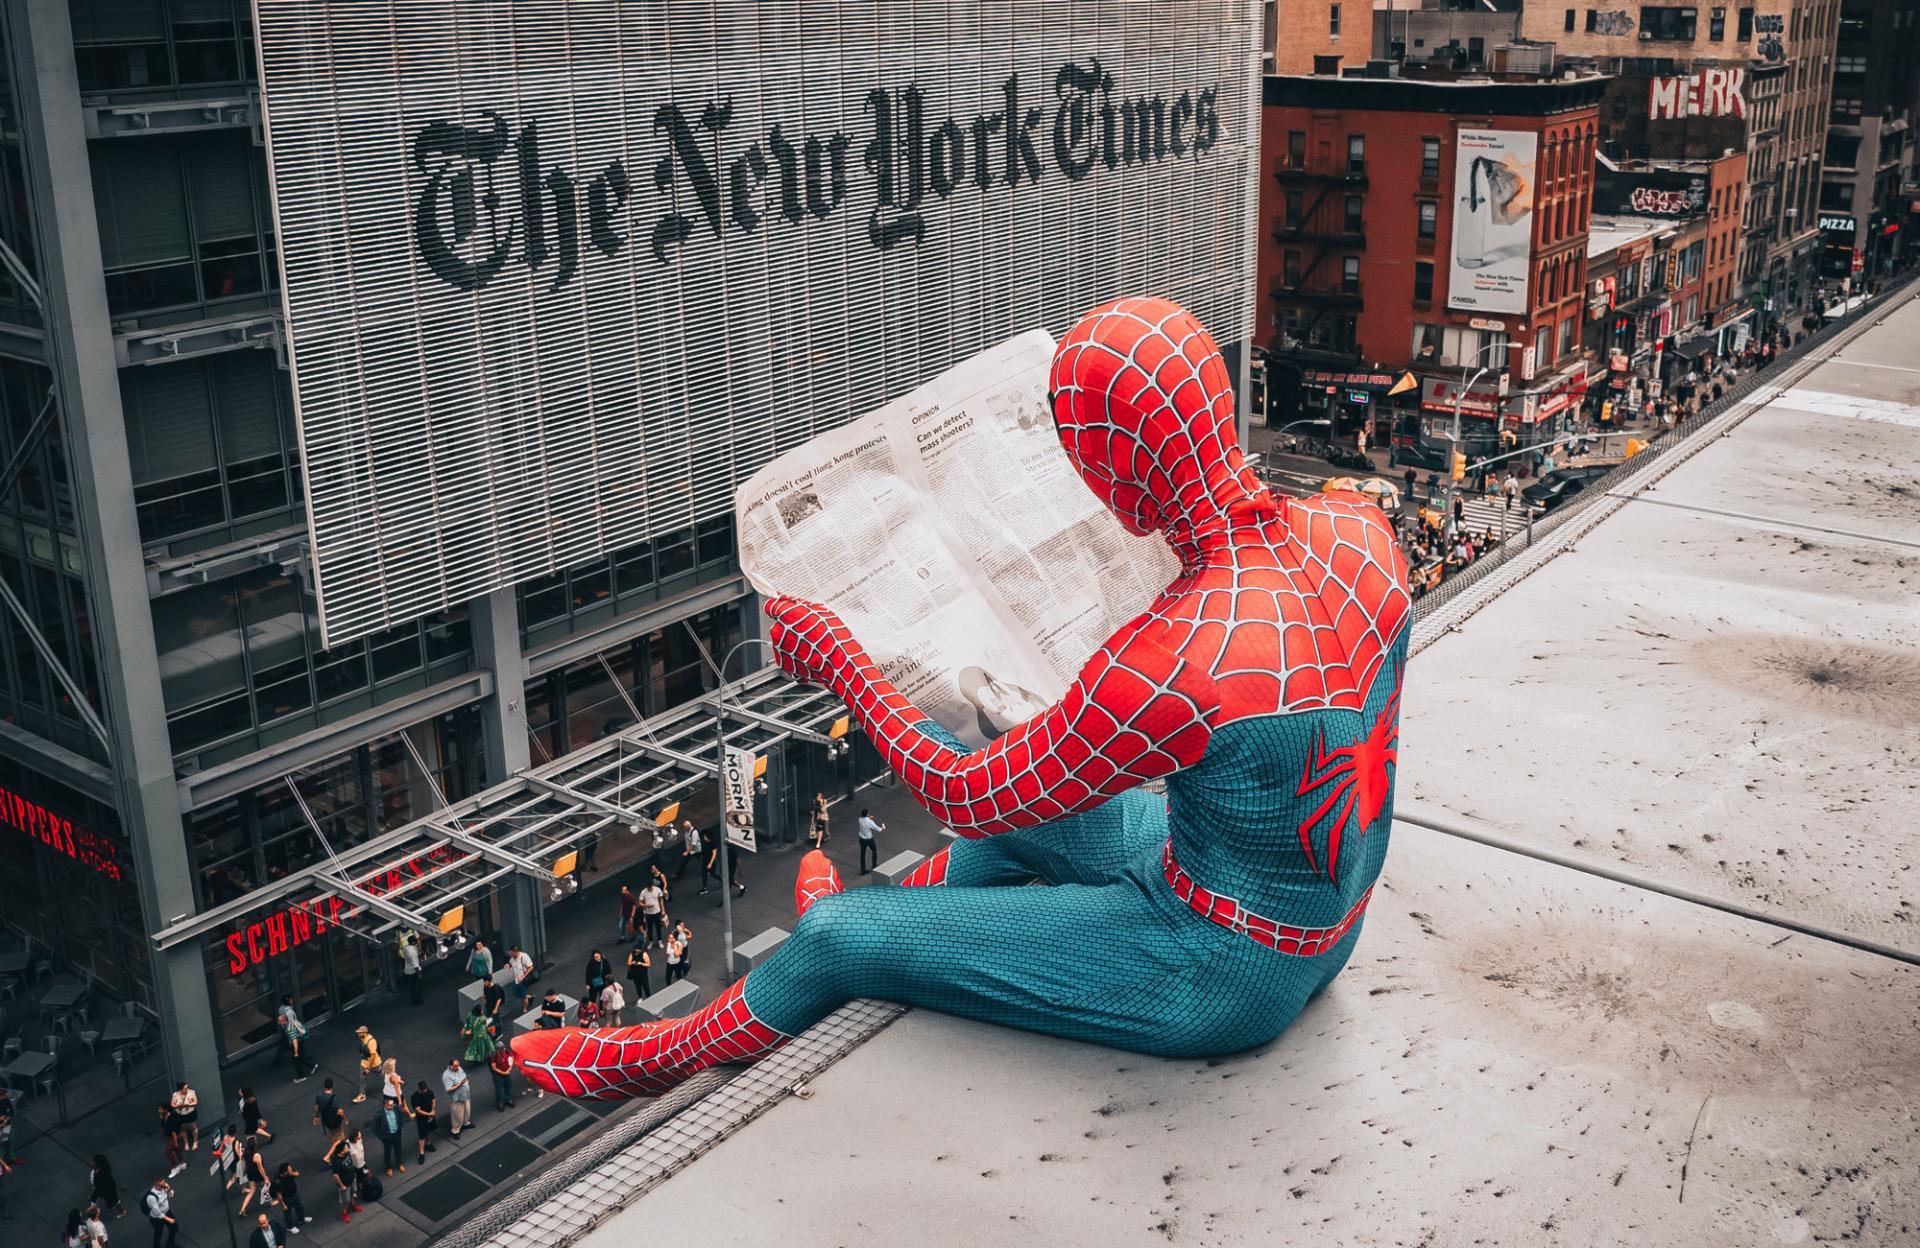 Человек-паук 3 отMarvel будет поистине безумным фильмом — Том Холланд